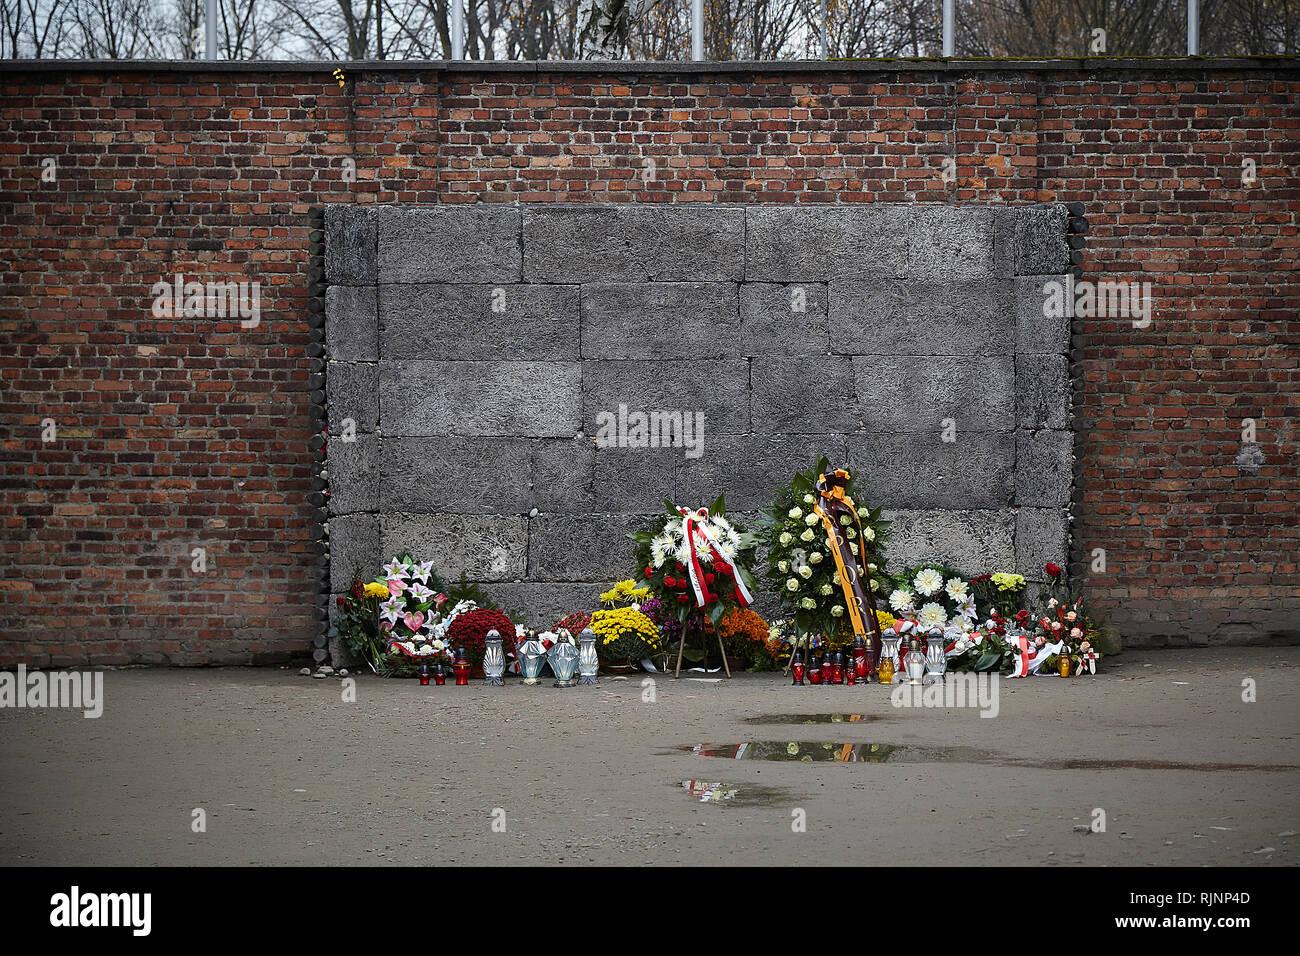 Auschwitz war das größte der deutschen nationalsozialistischen Konzentrationslager und Vernichtungslager Zentren. Über 1,1 Millionen Männer, Frauen und Kinder, ums Leben. Stockbild